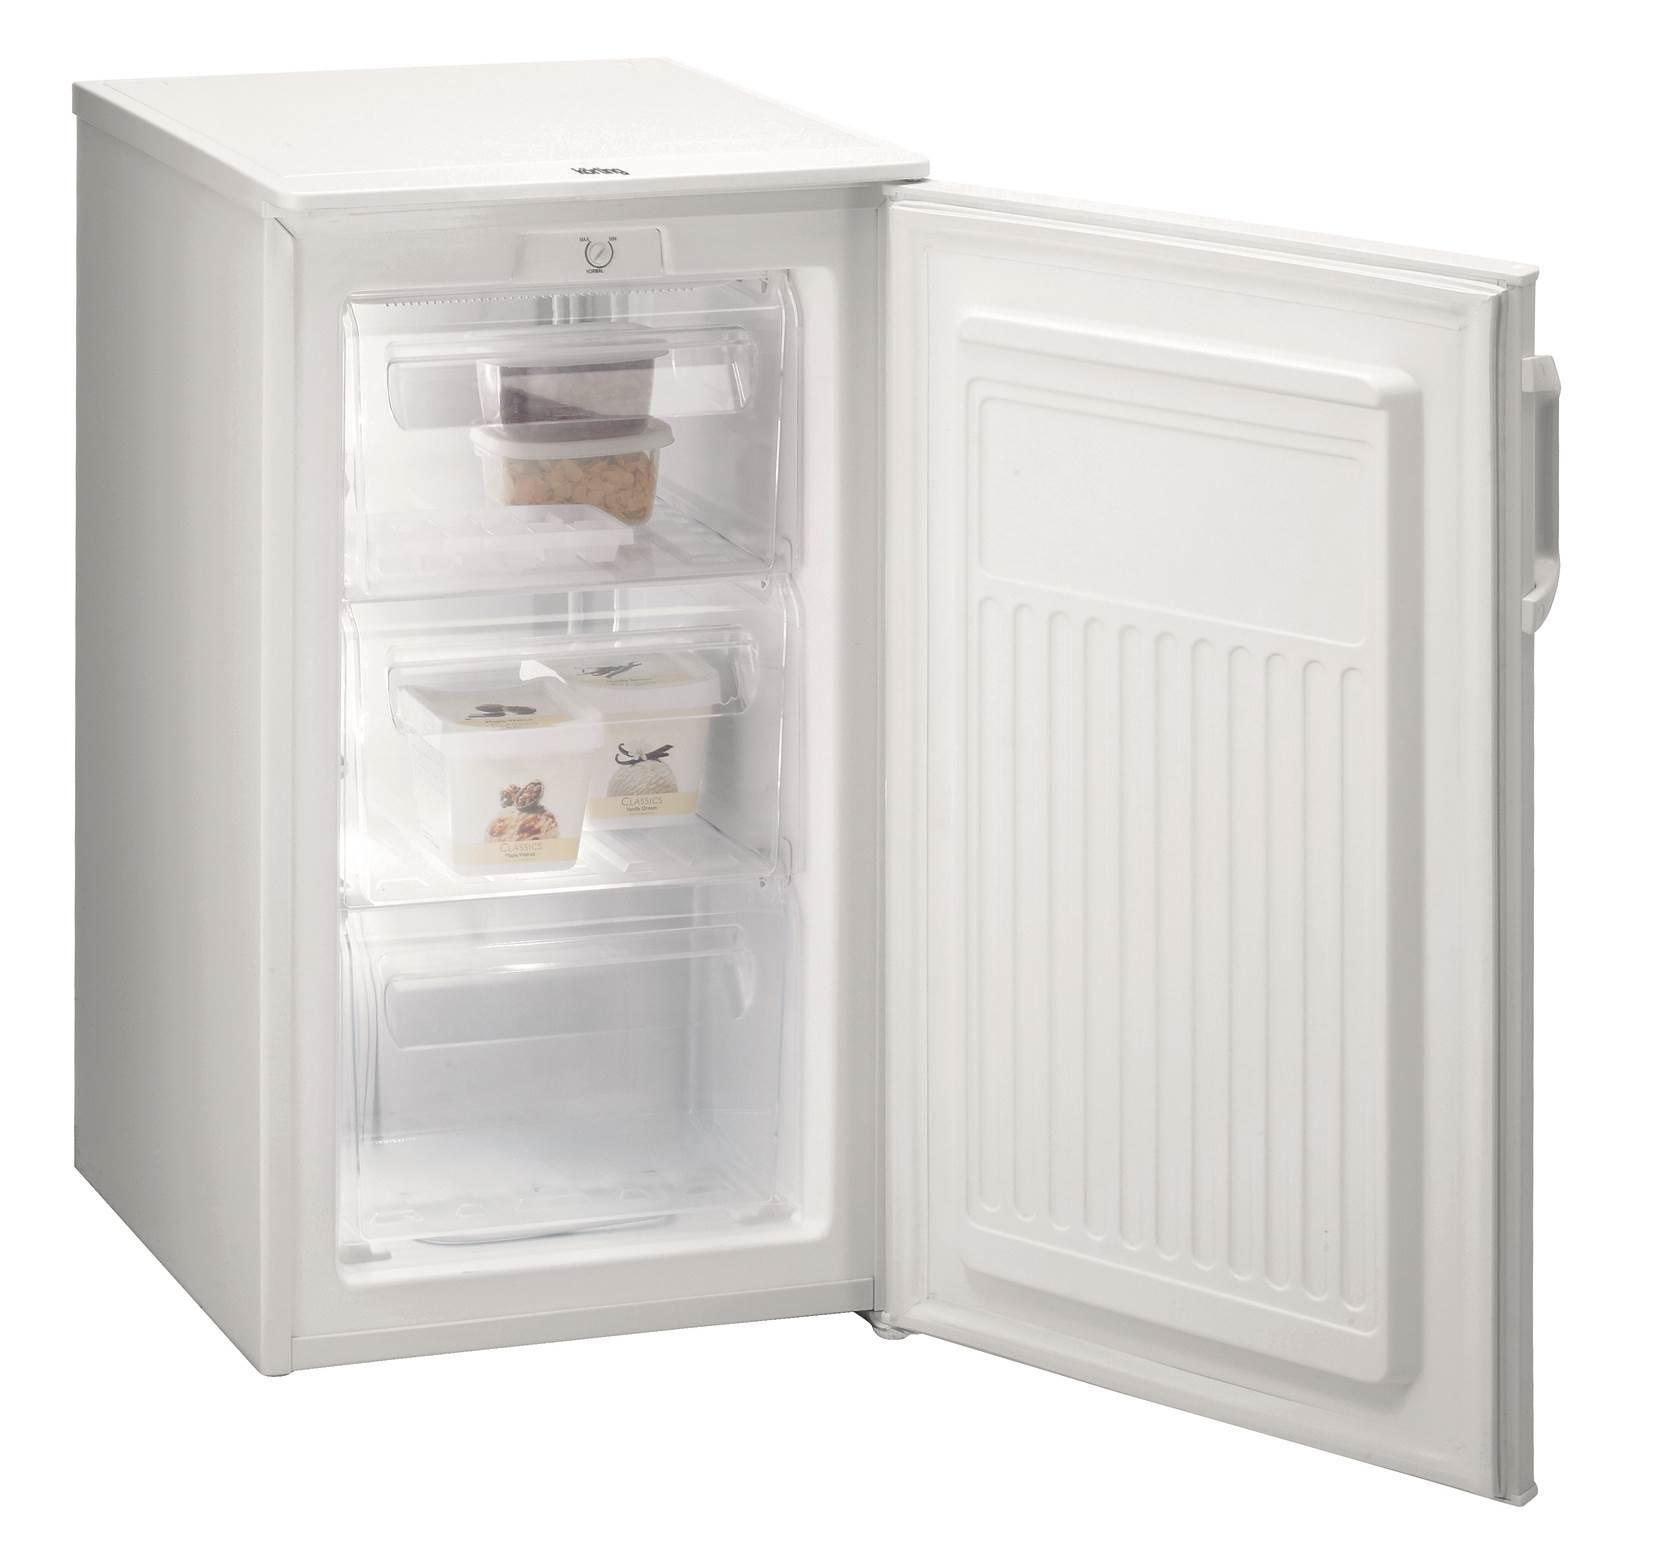 zamrzovalne omare